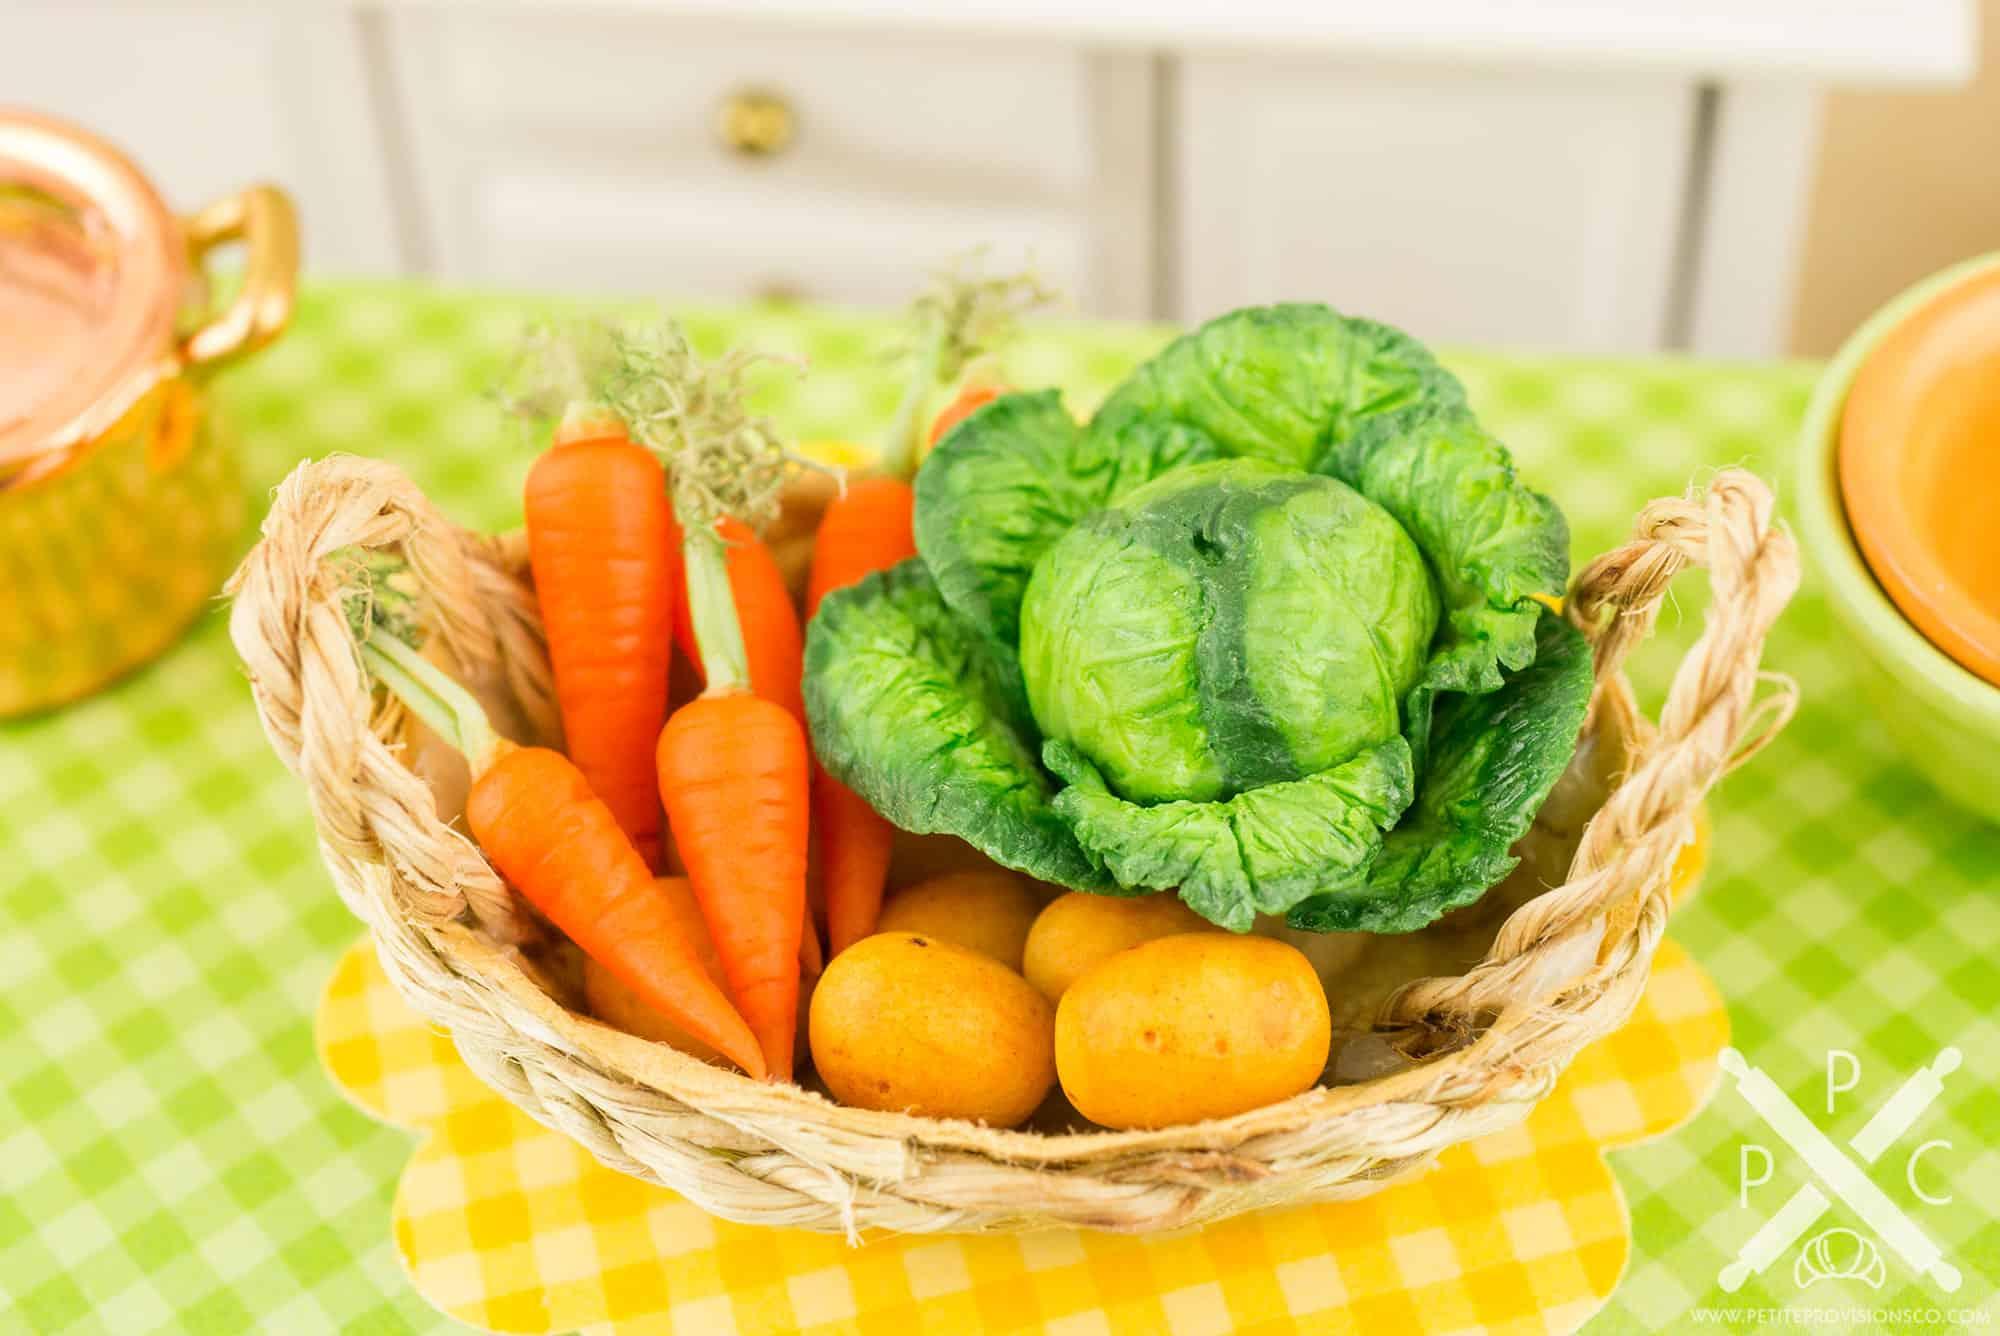 Spring Vegetable Basket ...